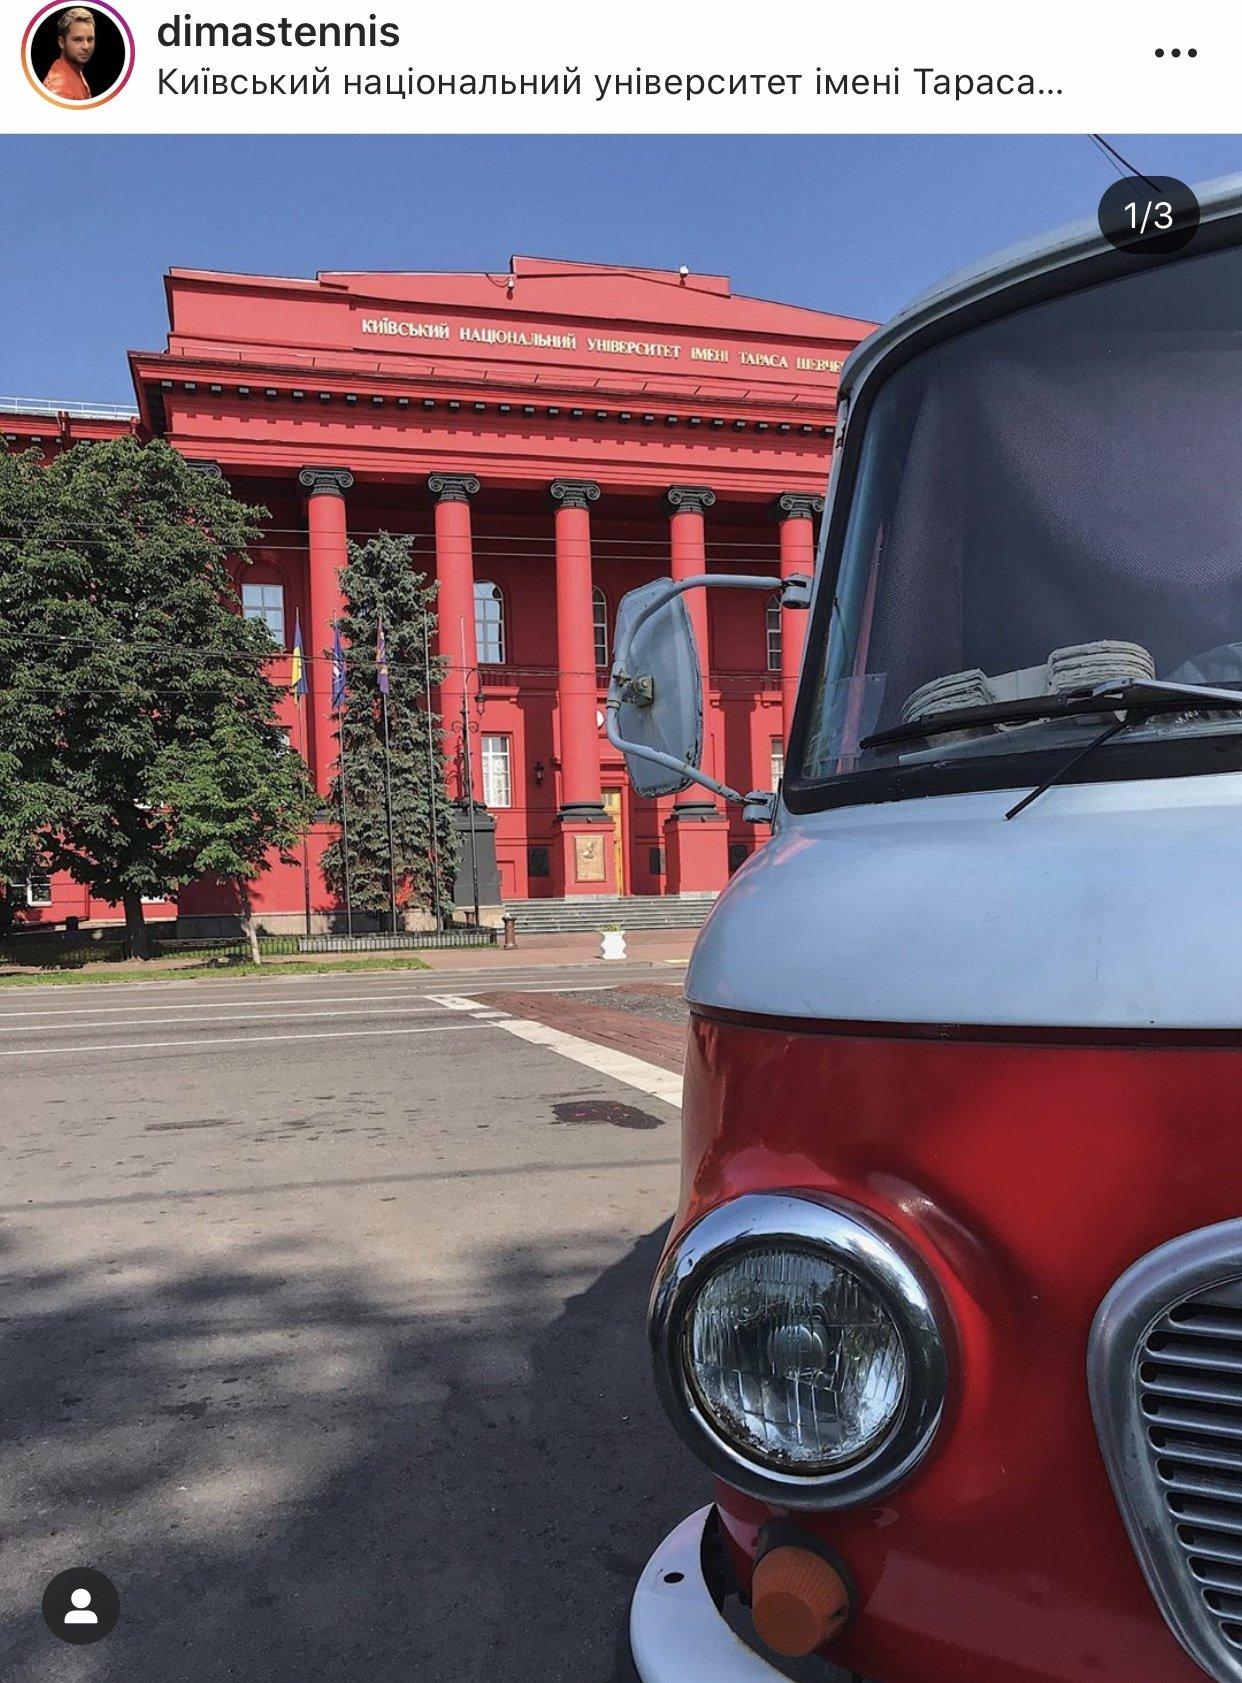 ТОП красивых фотографий Киева в Instagram , фото-9